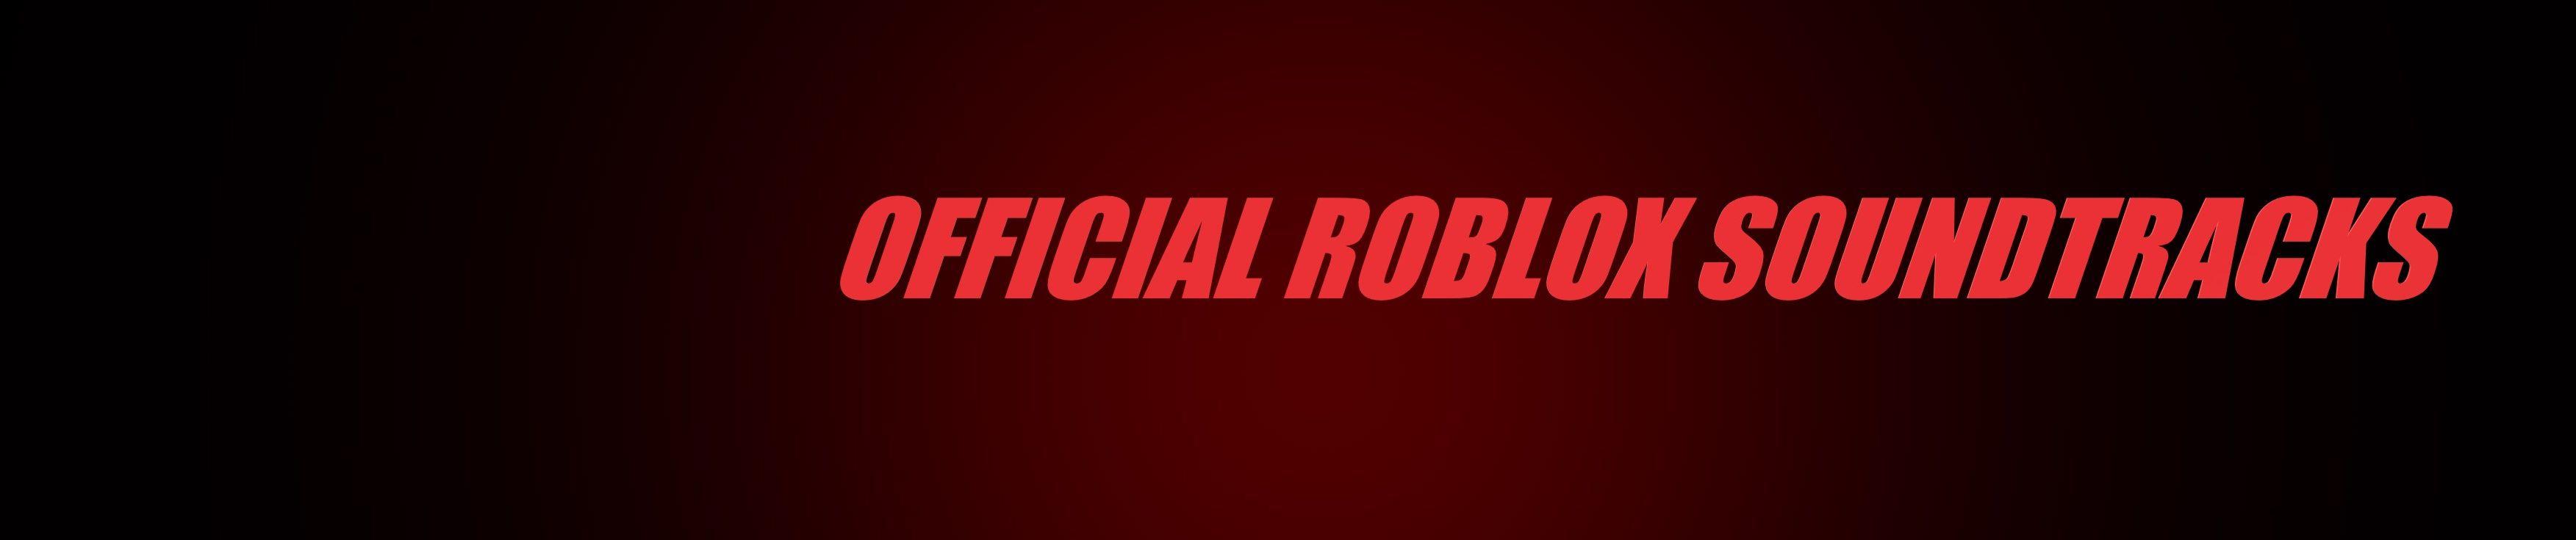 ROBLOX - Earthworm Sally Theme song - Flamingo (Albert) (FREE